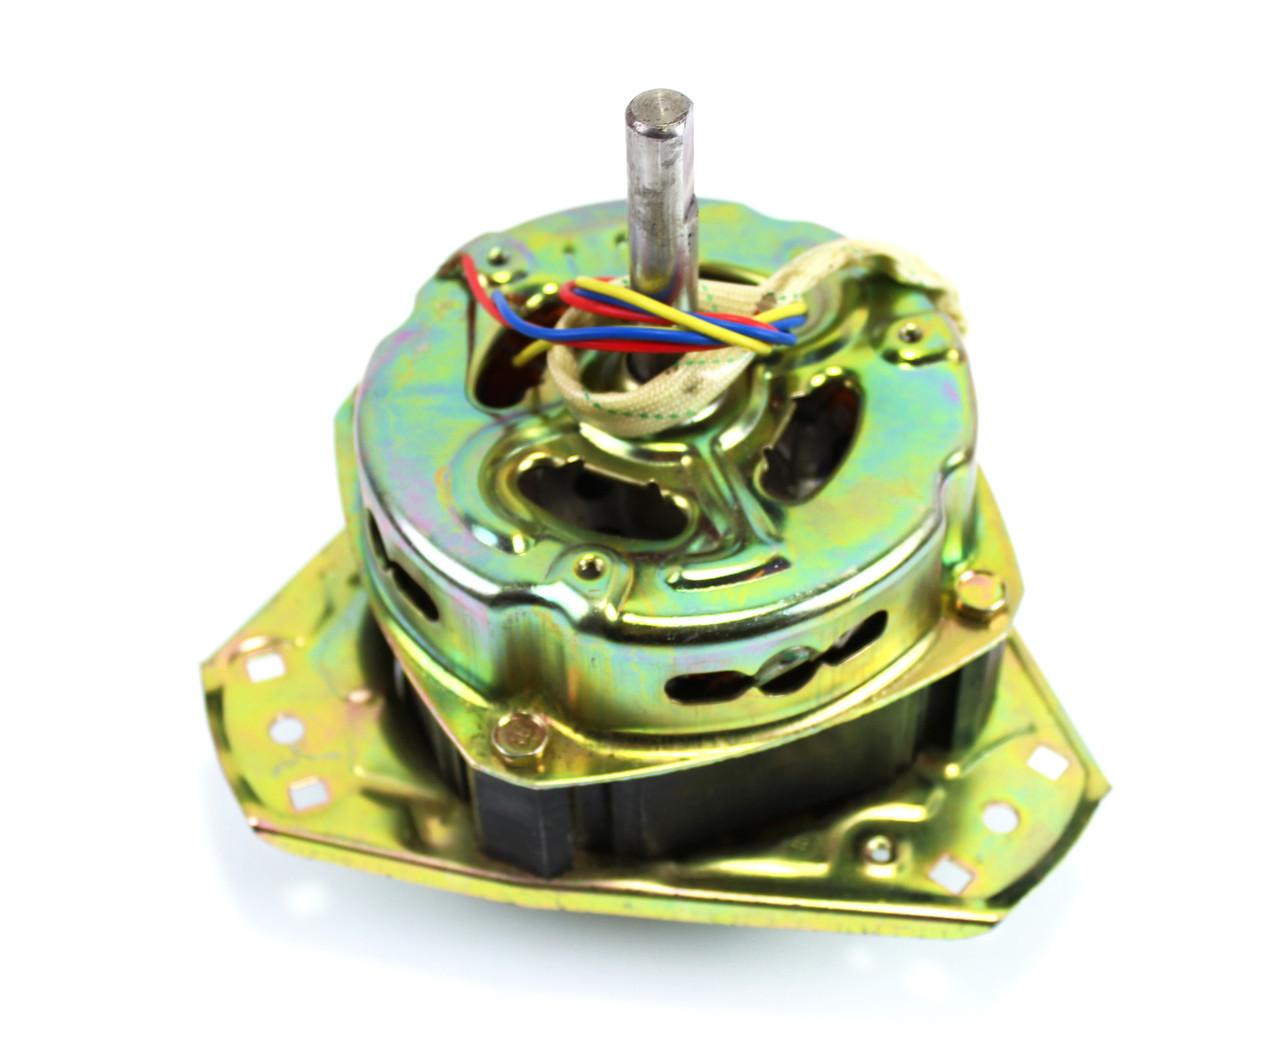 Двигатель центрифуги стиральной машины Сатурн XD 150 W (вал 10 мм)